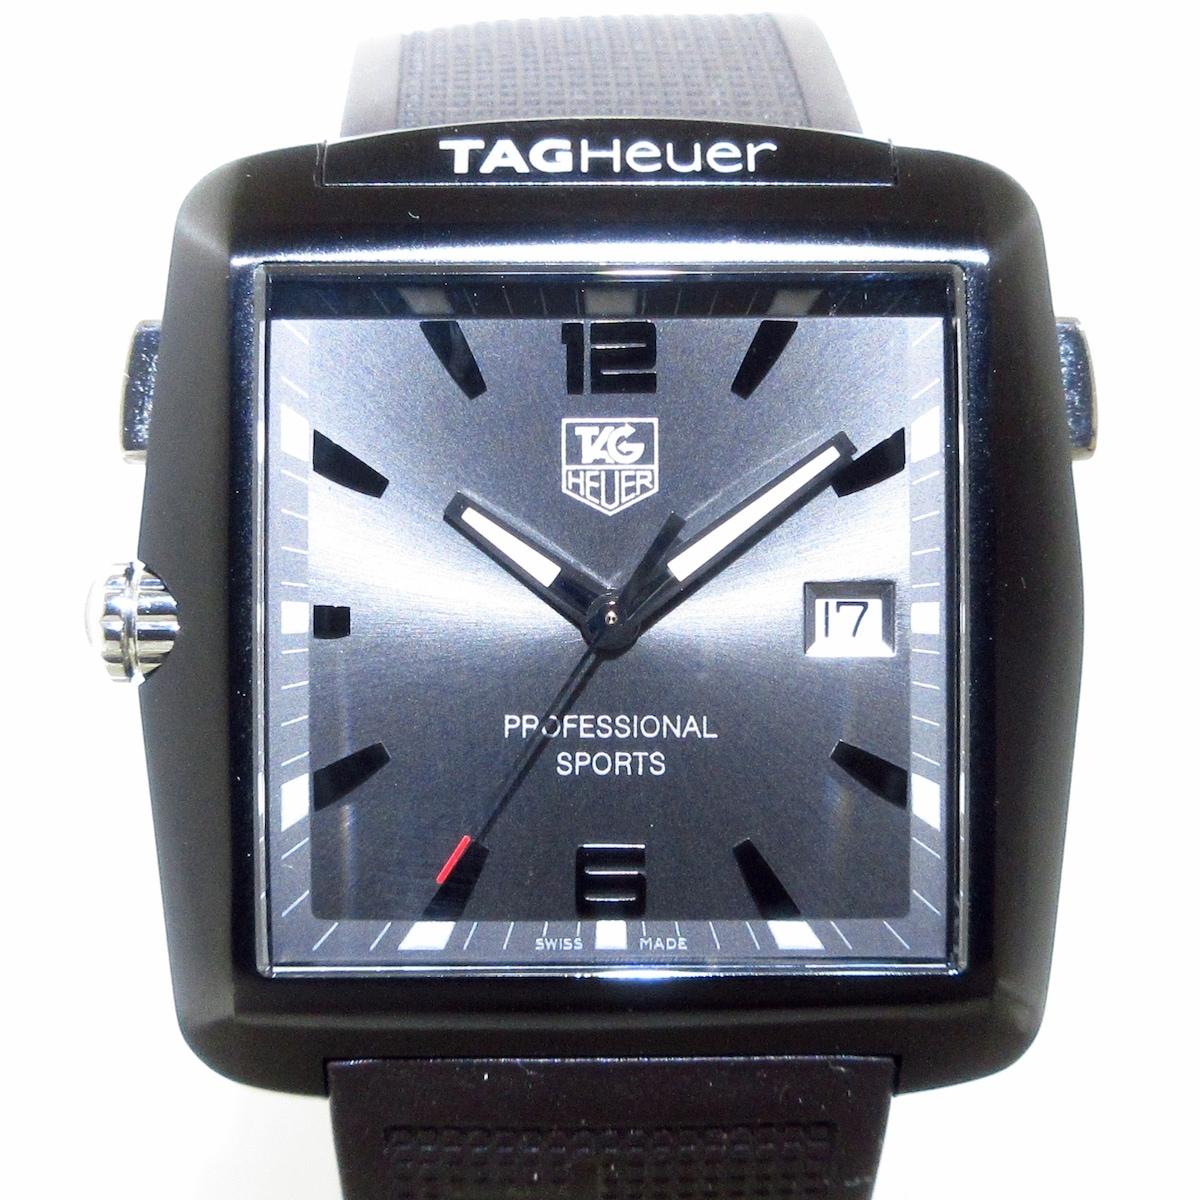 TAG Heuer(タグホイヤー)のプロフェッショナル スポーツ